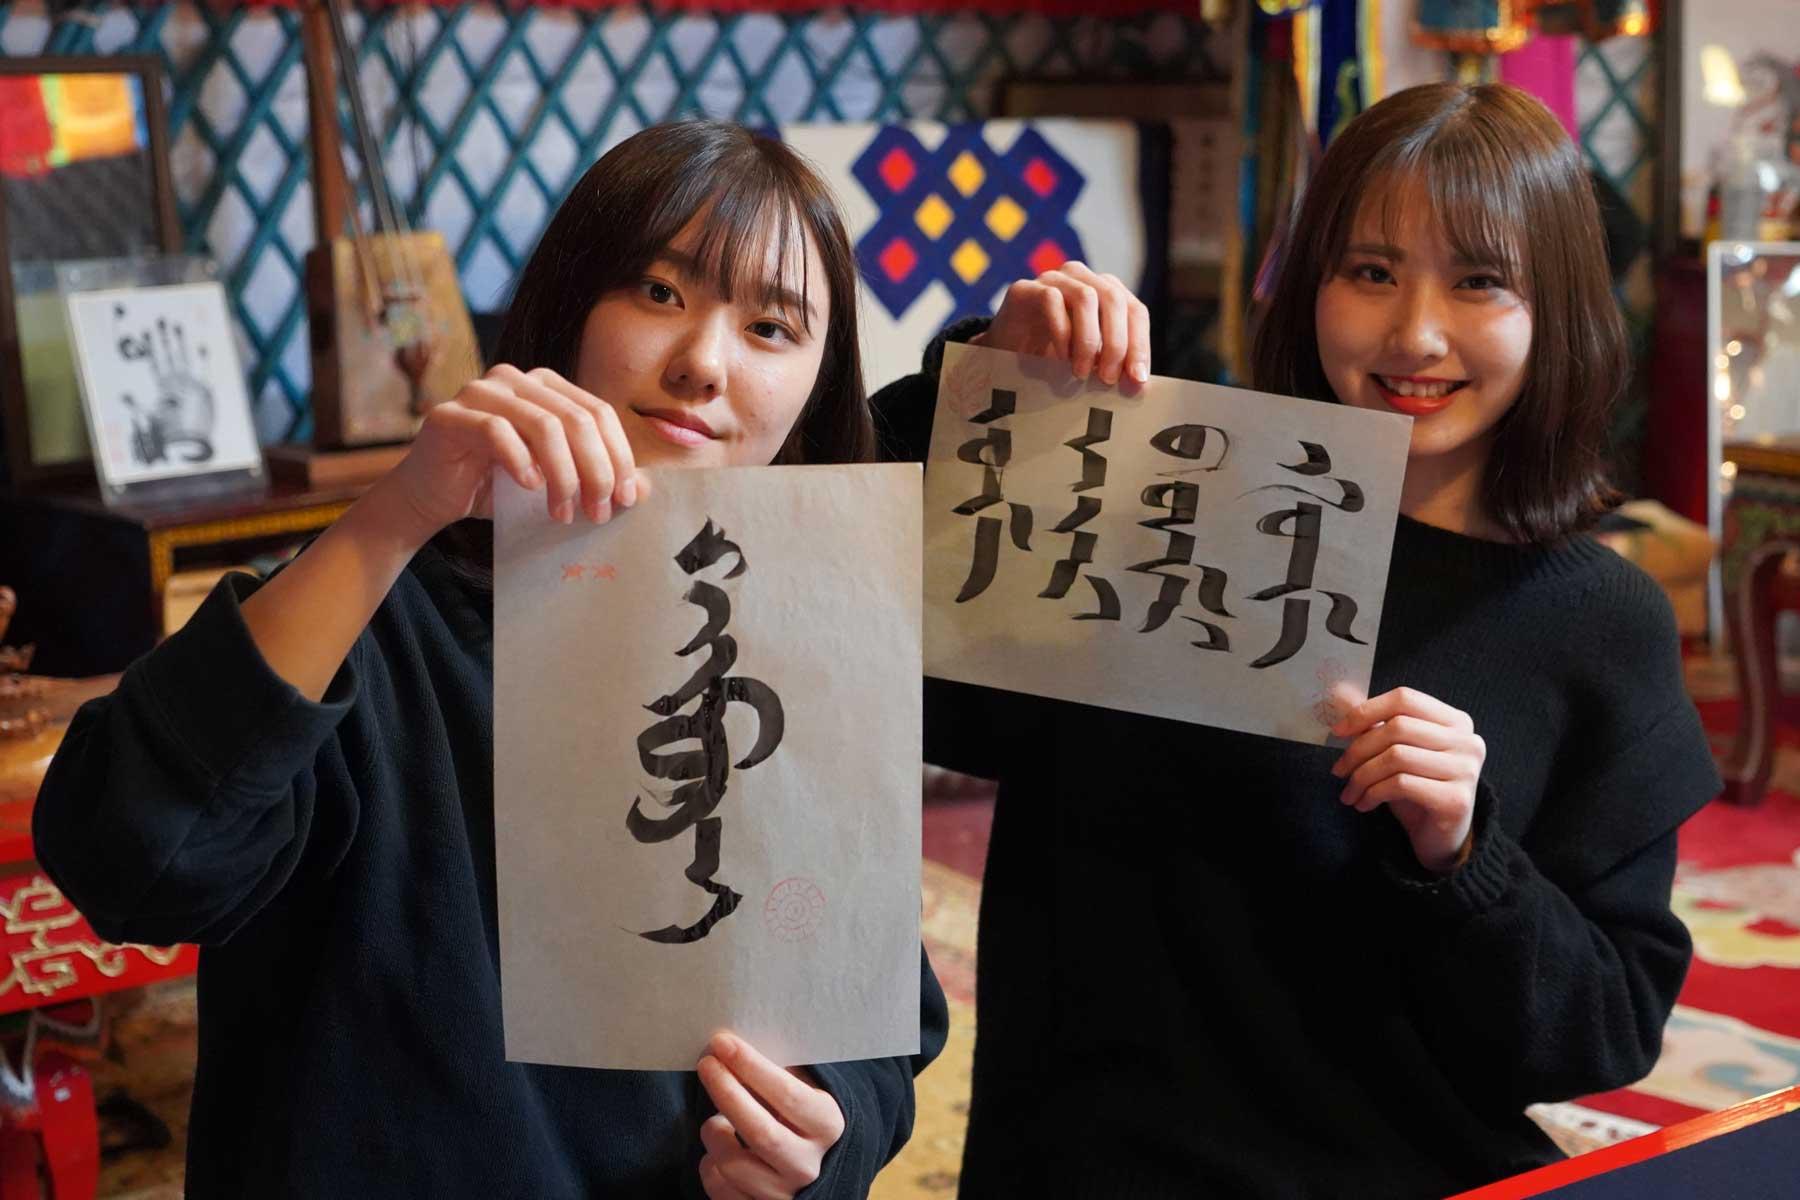 オータニモンゴルの里でのモンゴル文字書道の作品を見せる女の子たち